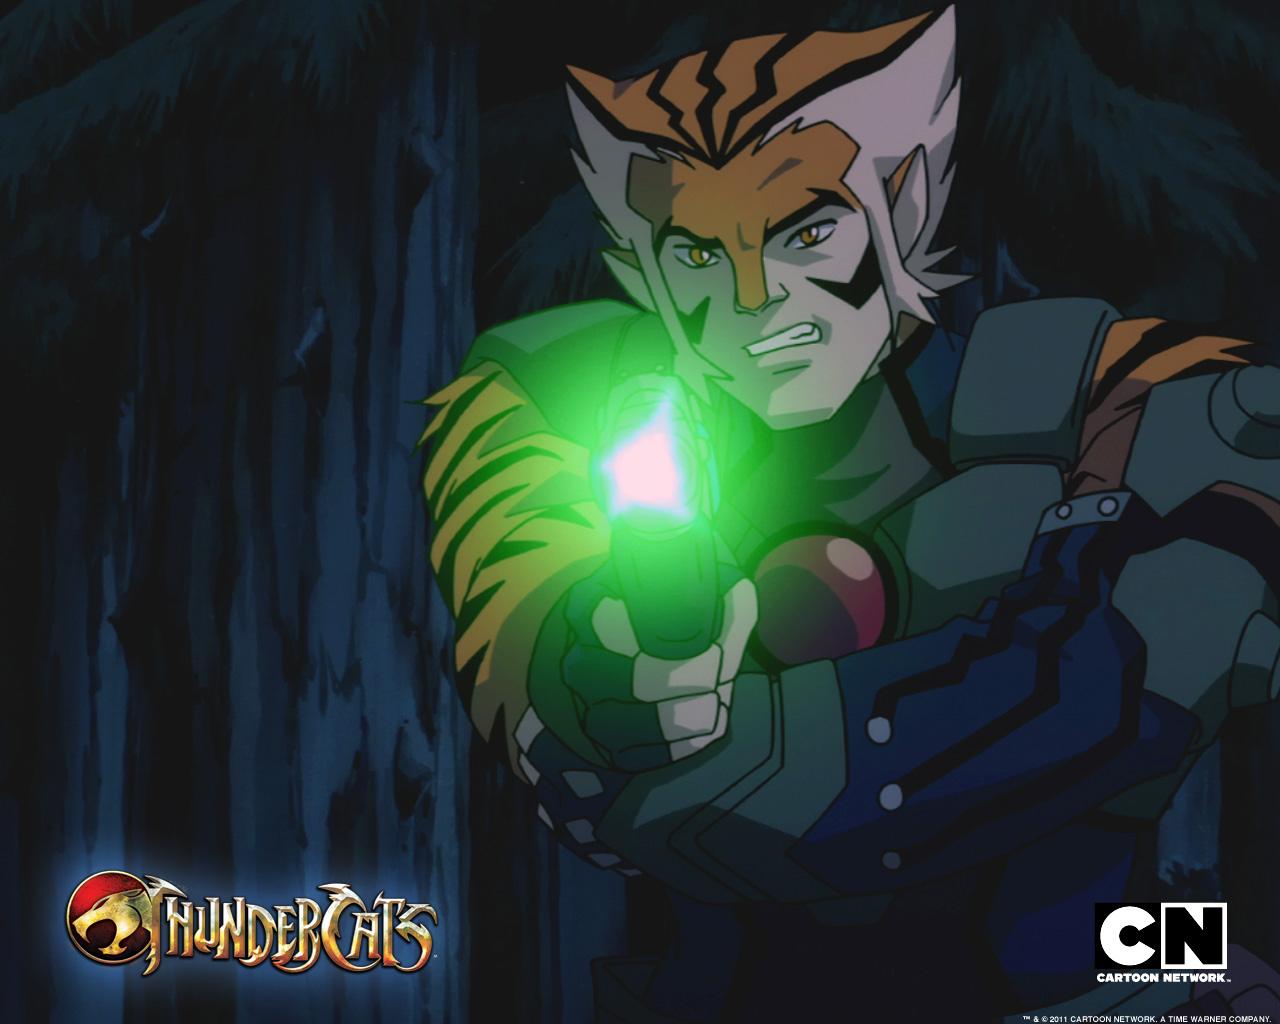 http://collider.com/wp-content/uploads/thundercats-2011-tv-series-wallpaper-05.jpg